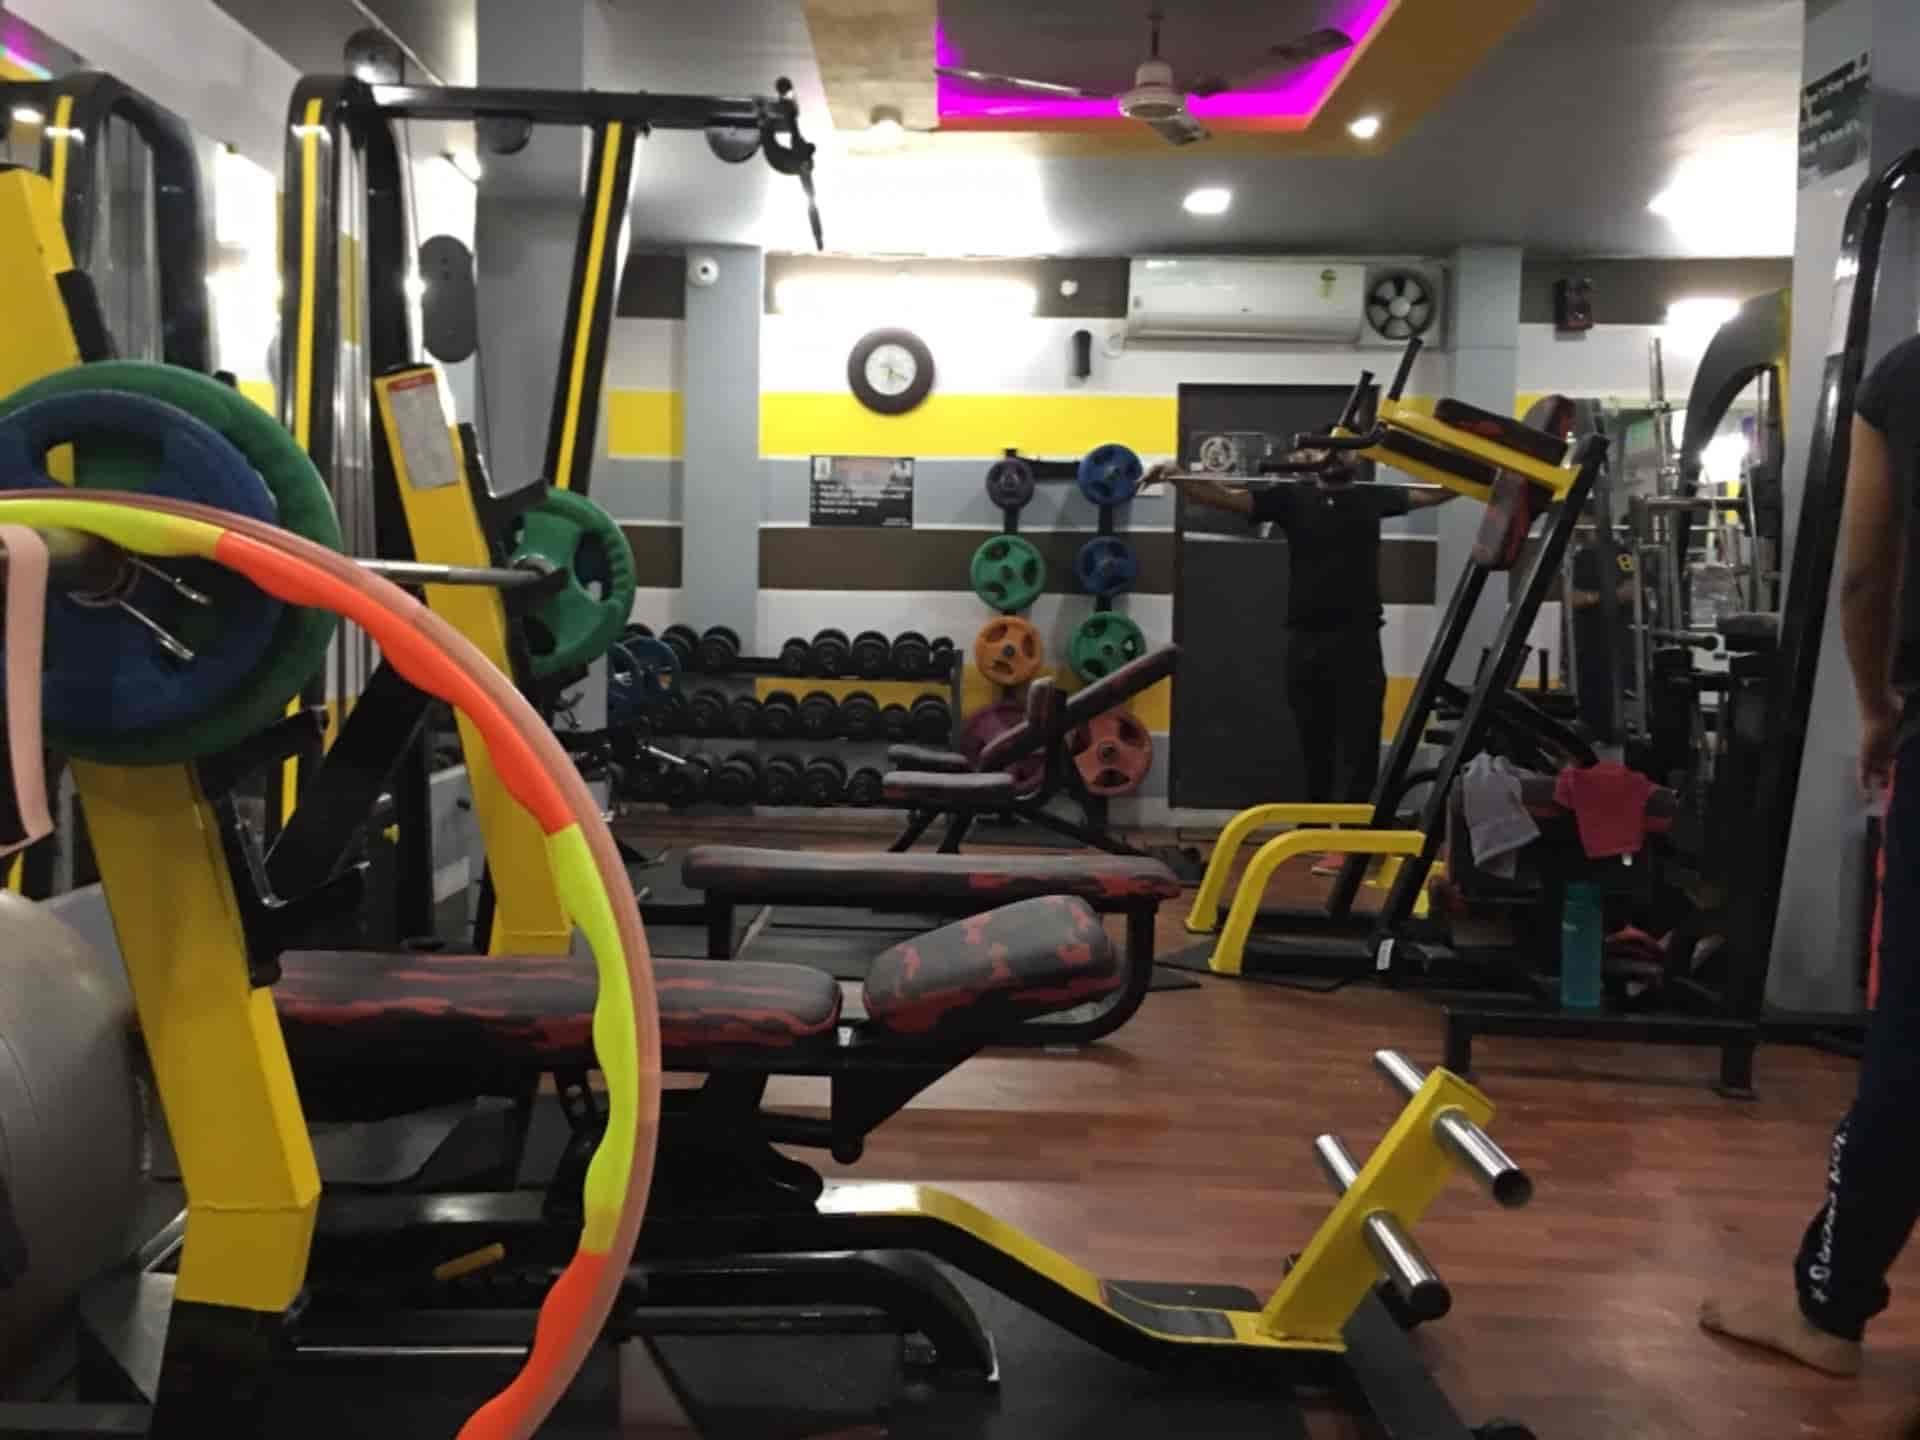 centre de pierdere în greutate în visakhapatnam)